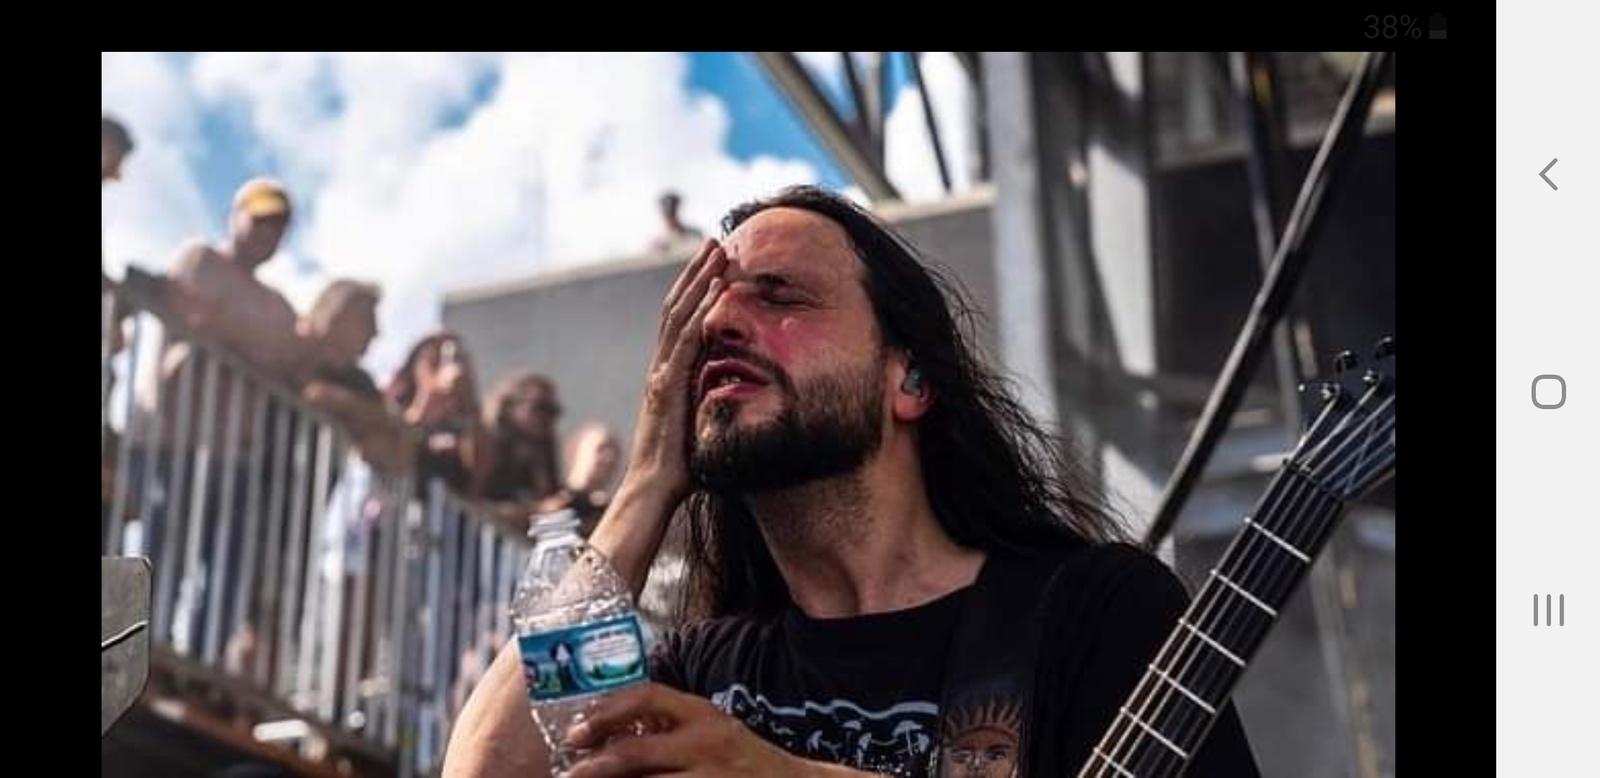 Christian Andreu (GOJIRA) s'est brulé le visage lors d'un concert ... Ob_a3210